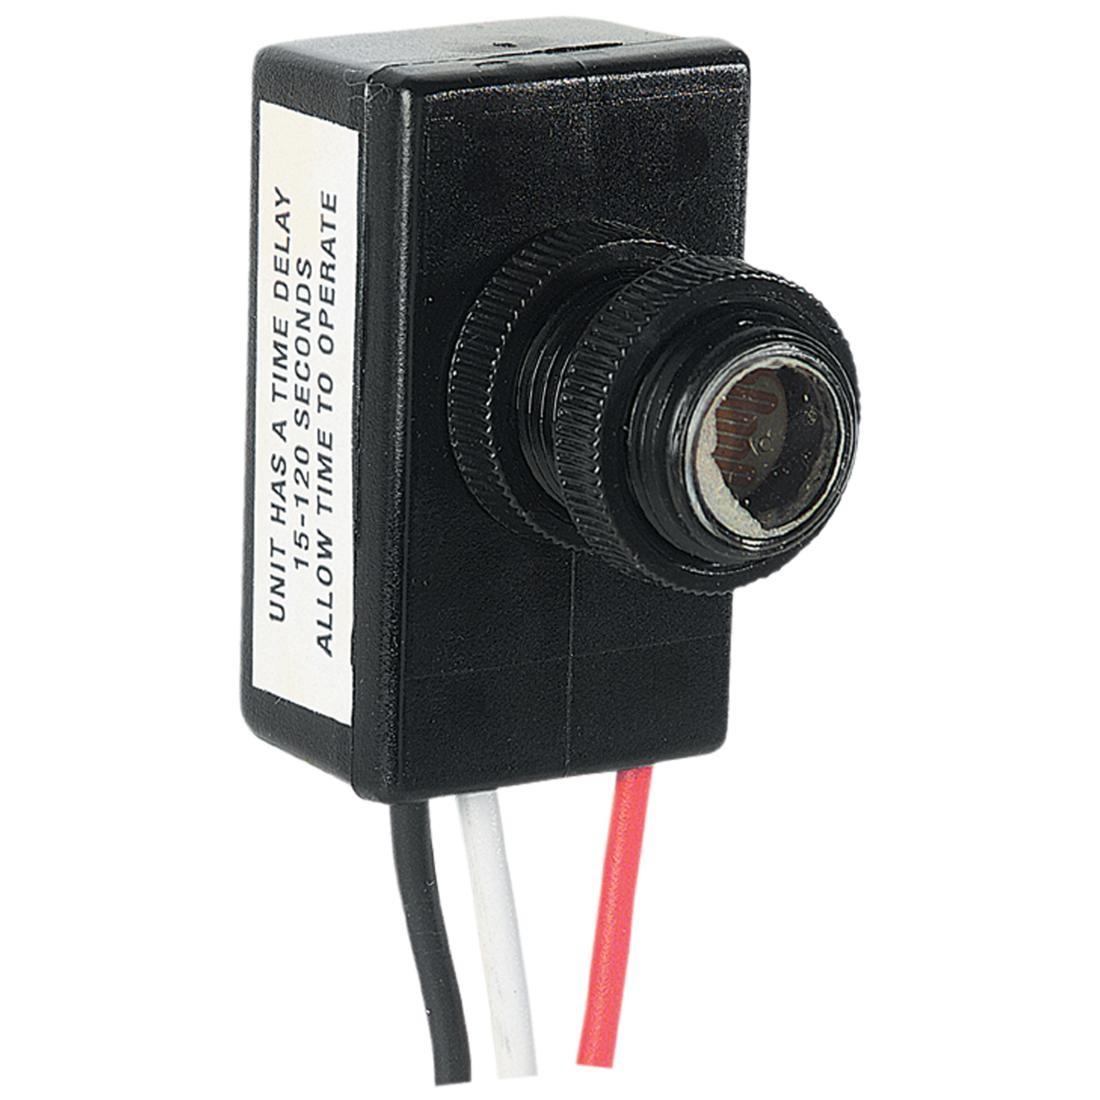 Precision A105 Precision 120v Button Style Photocell